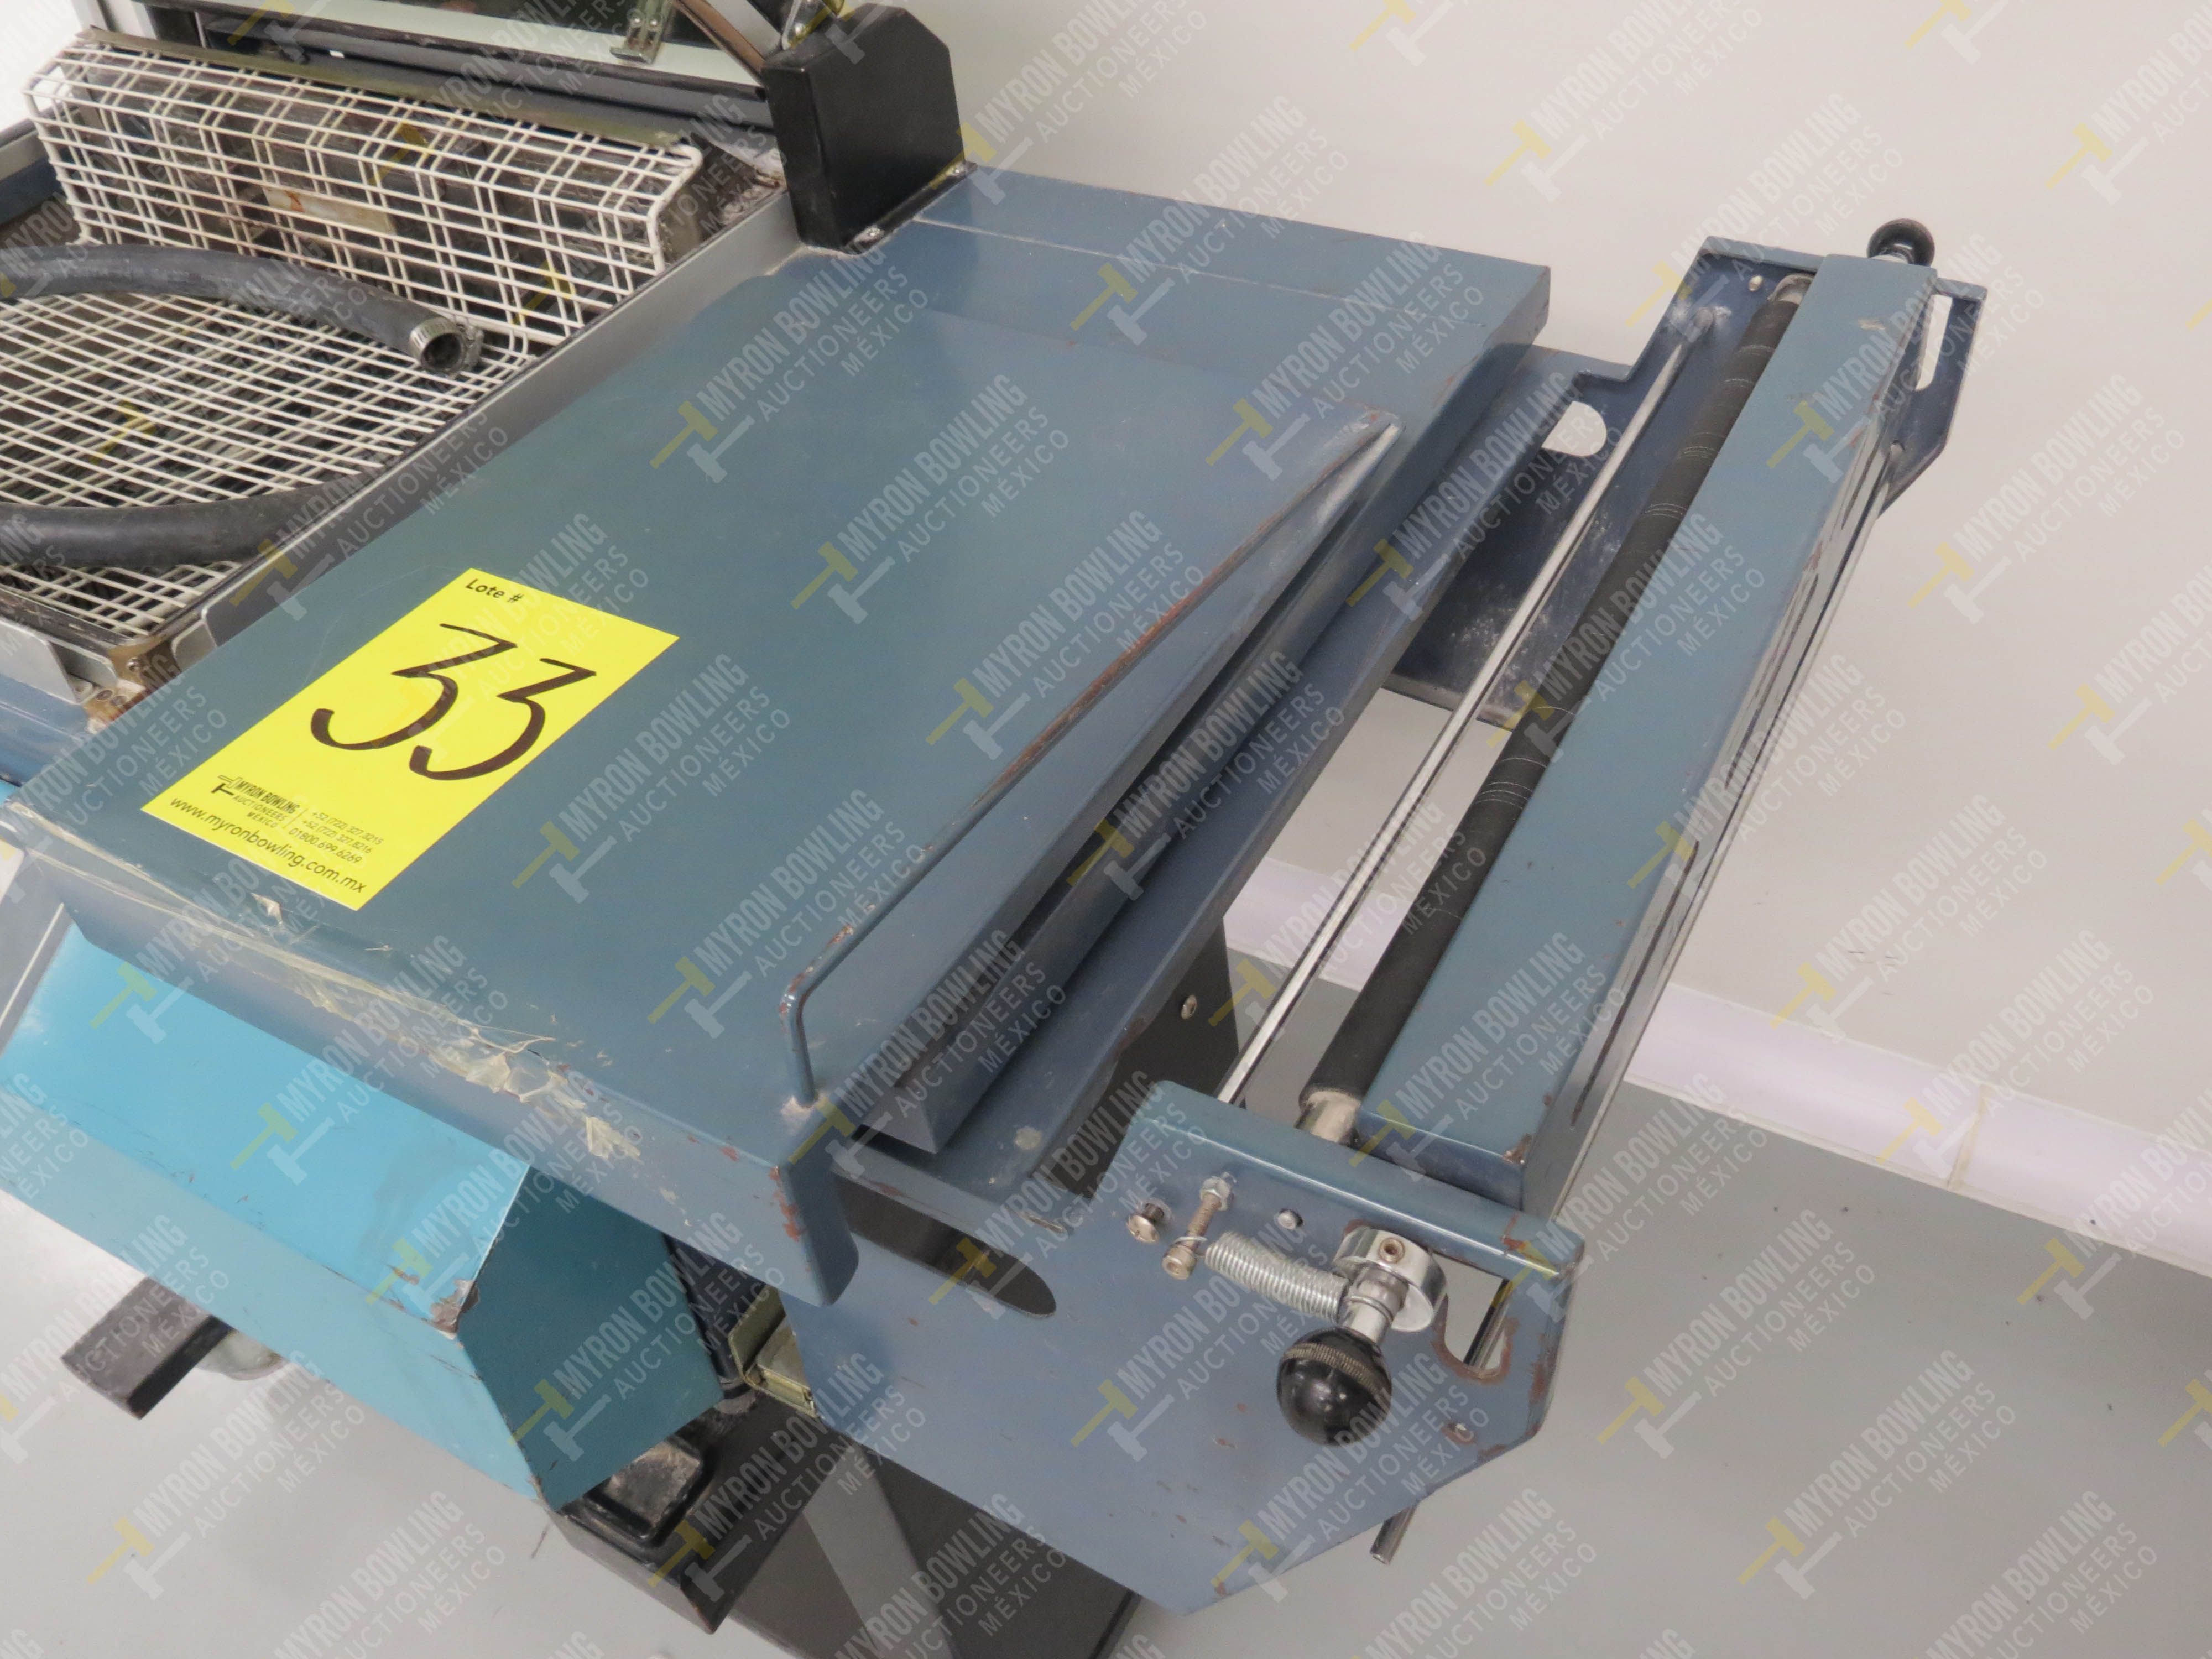 Máquina emplayadora Modelo EKH-346, No. de Serie 0601012B - Image 3 of 4